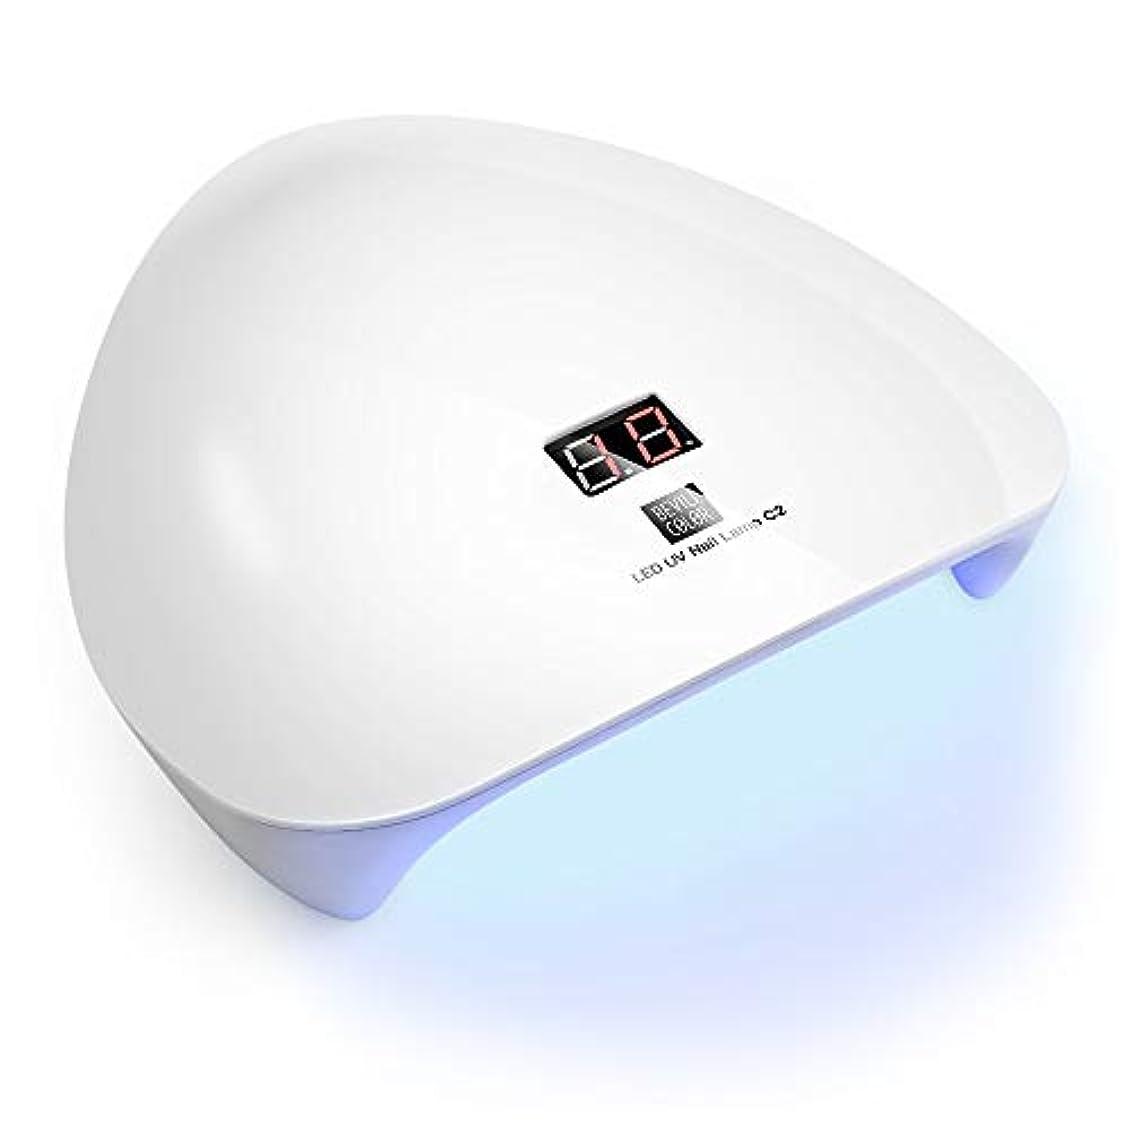 ネブ説得カートWEVILI ネイル硬化用ライト UVライト LEDライト UVライトネイルドライヤー マニキュア用 LED ネイルドライヤー タイマー機能 自動センサー機能 レジン 便利 (45W 硬化用UVライト)